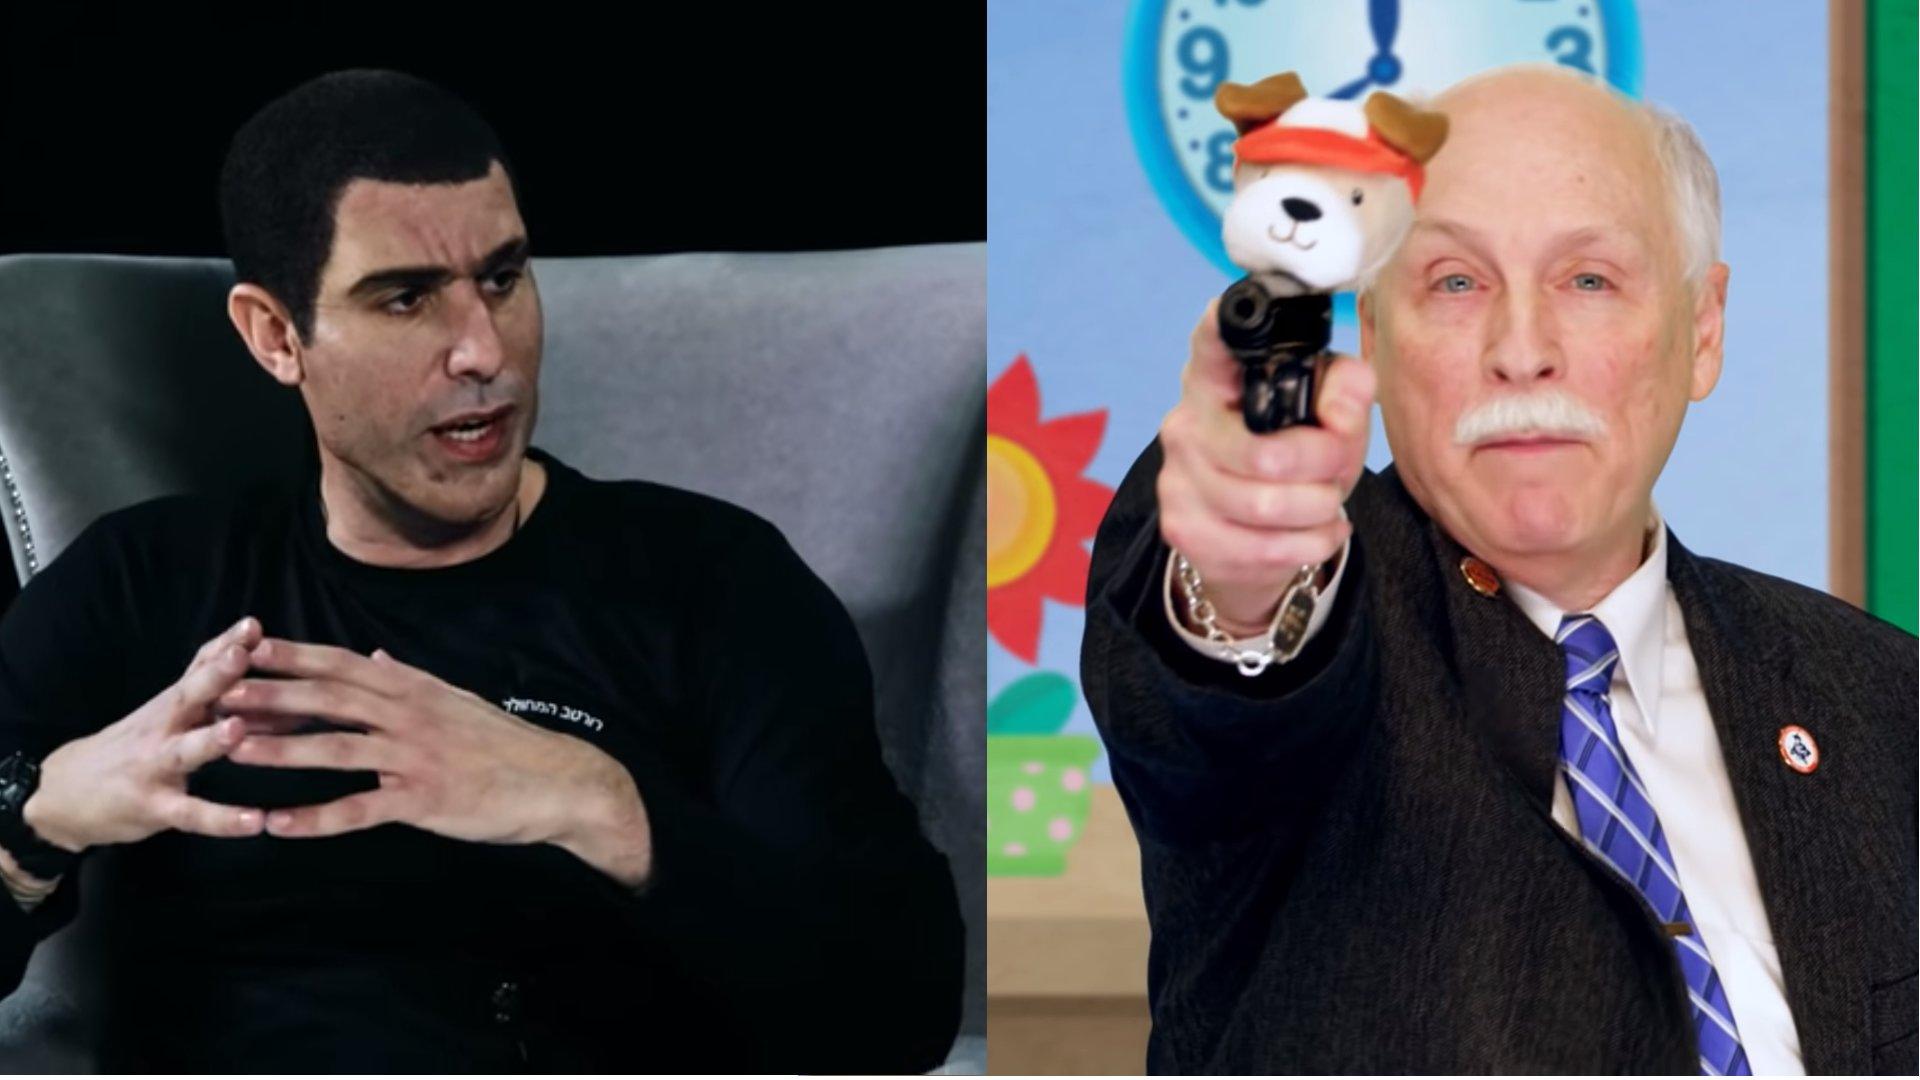 Satire gegen Waffenbesitz: Sacha Baron Cohen will Kinder bewaffnen